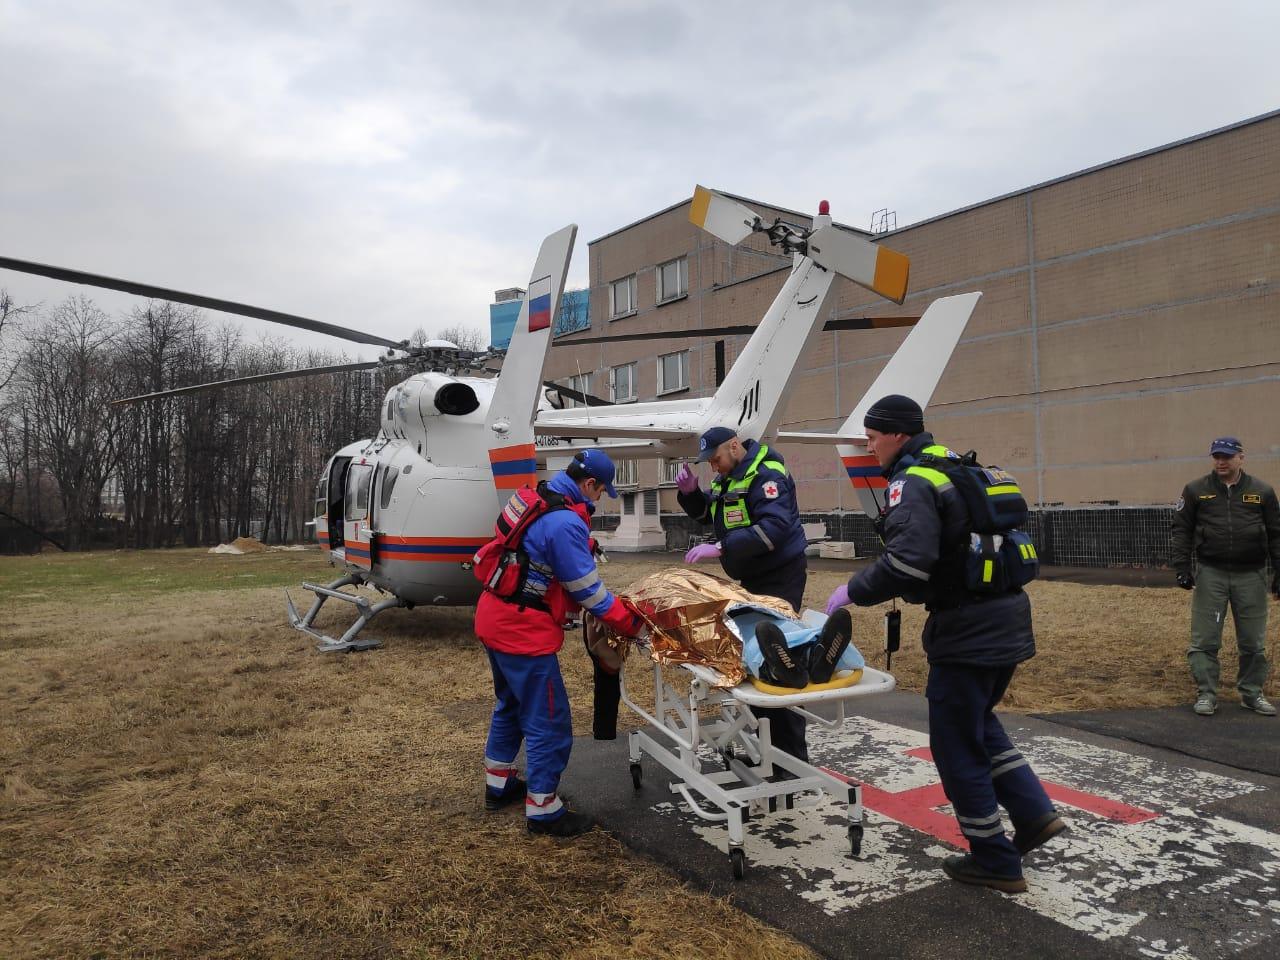 Экипаж дежурного санитарного вертолета Московского авиационного центра вылетел по вызову на вертолетную площадку в Щапово